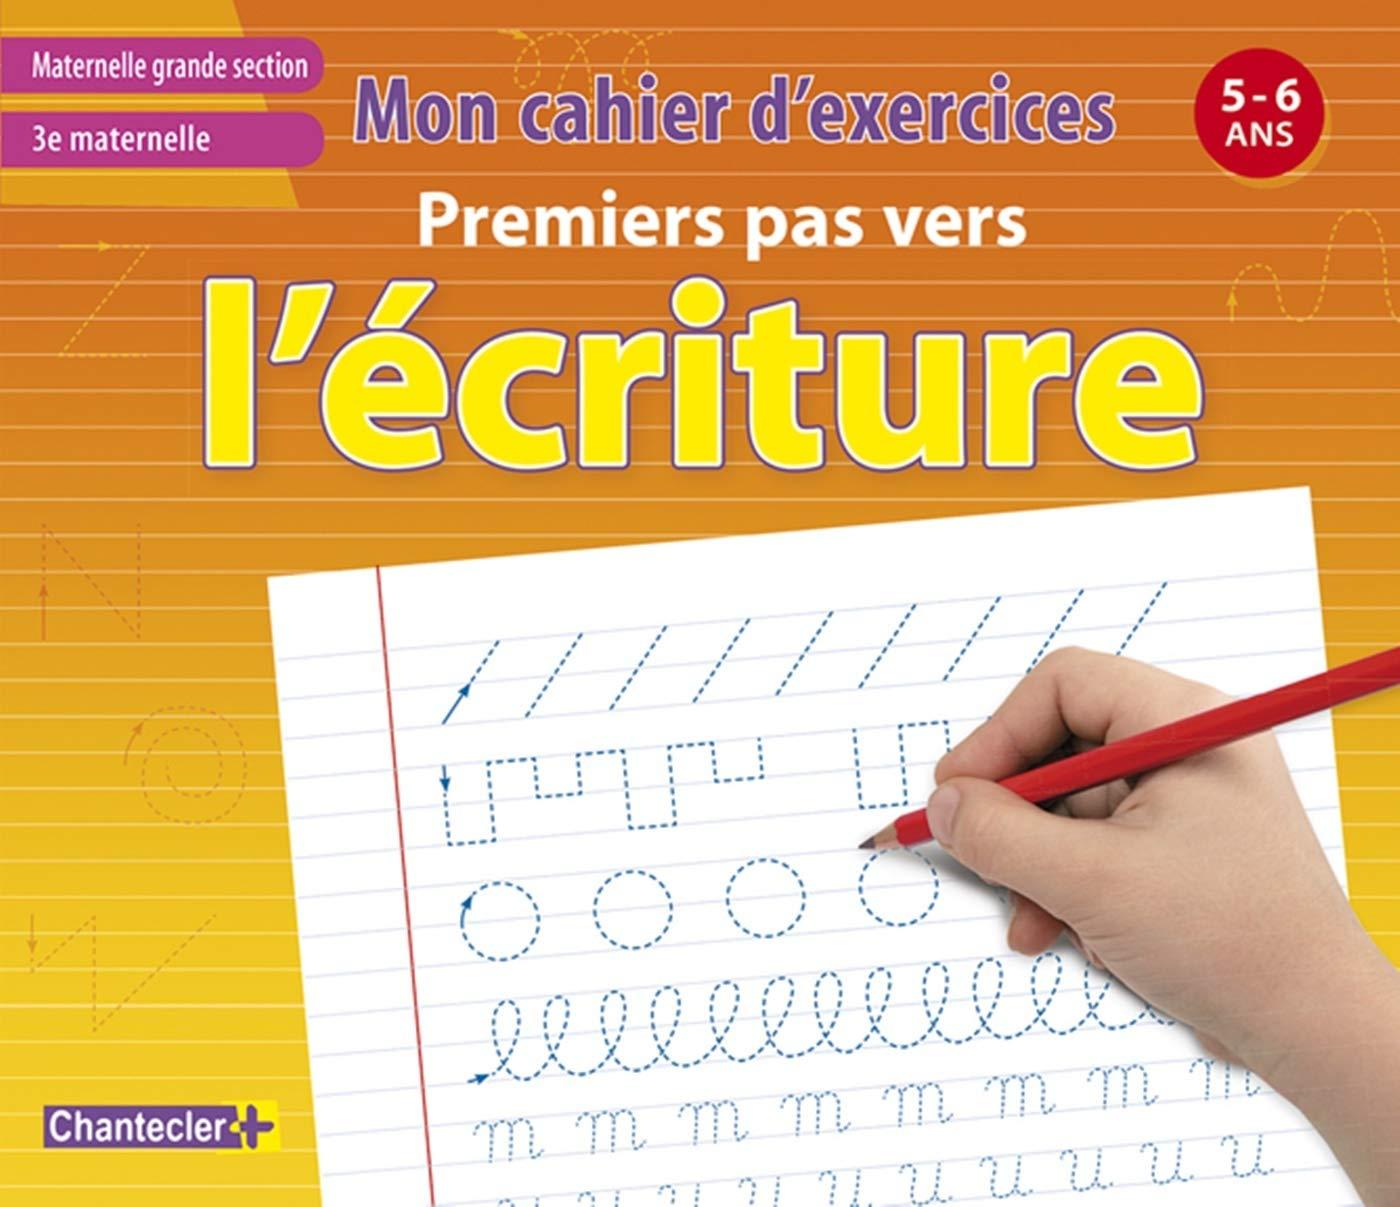 Amazon Fr Mon Cahier D Exercices Premiers Pas Vers L Ecriture 5 6 A 3e Maternelle Chantecler Livres